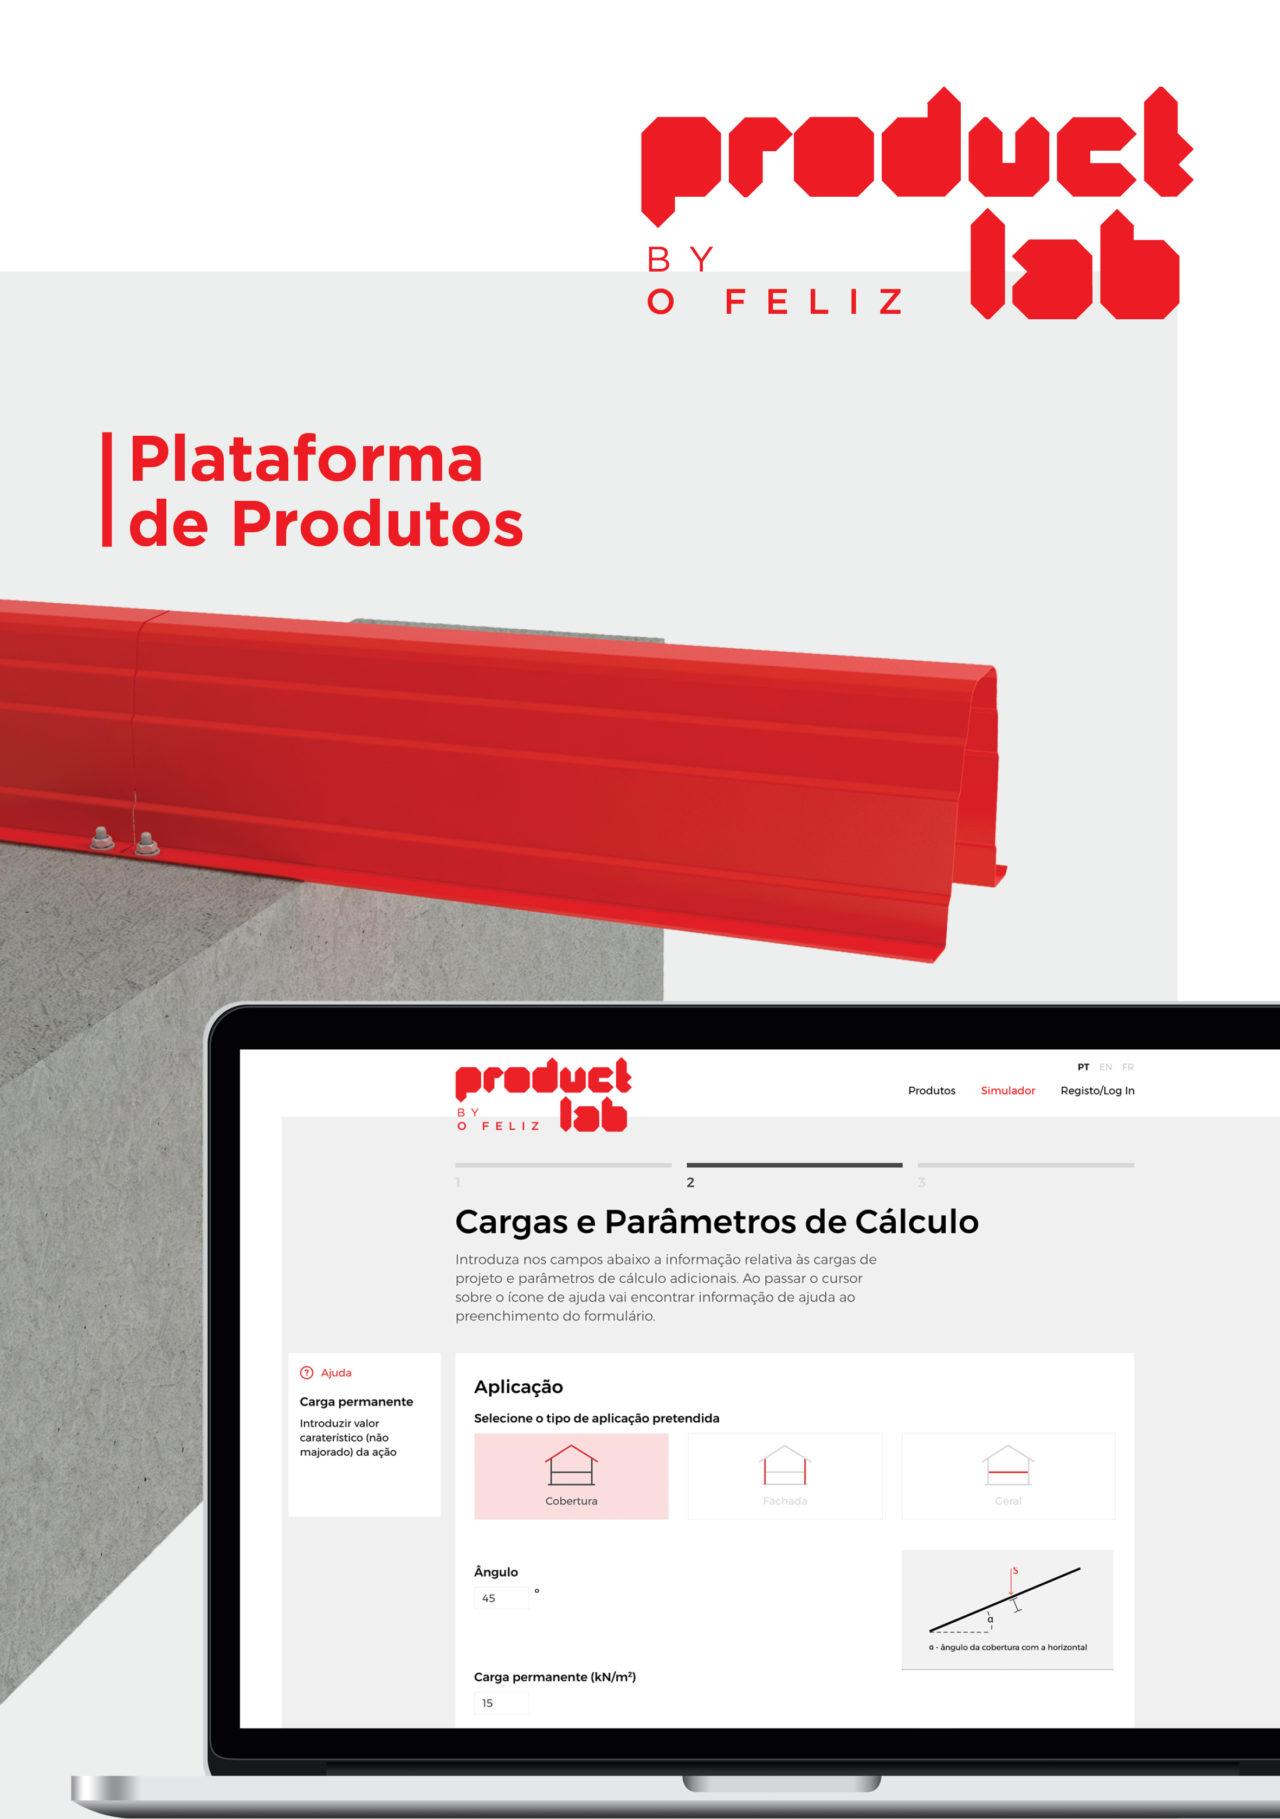 A Plataforma de Produtos O FELIZ